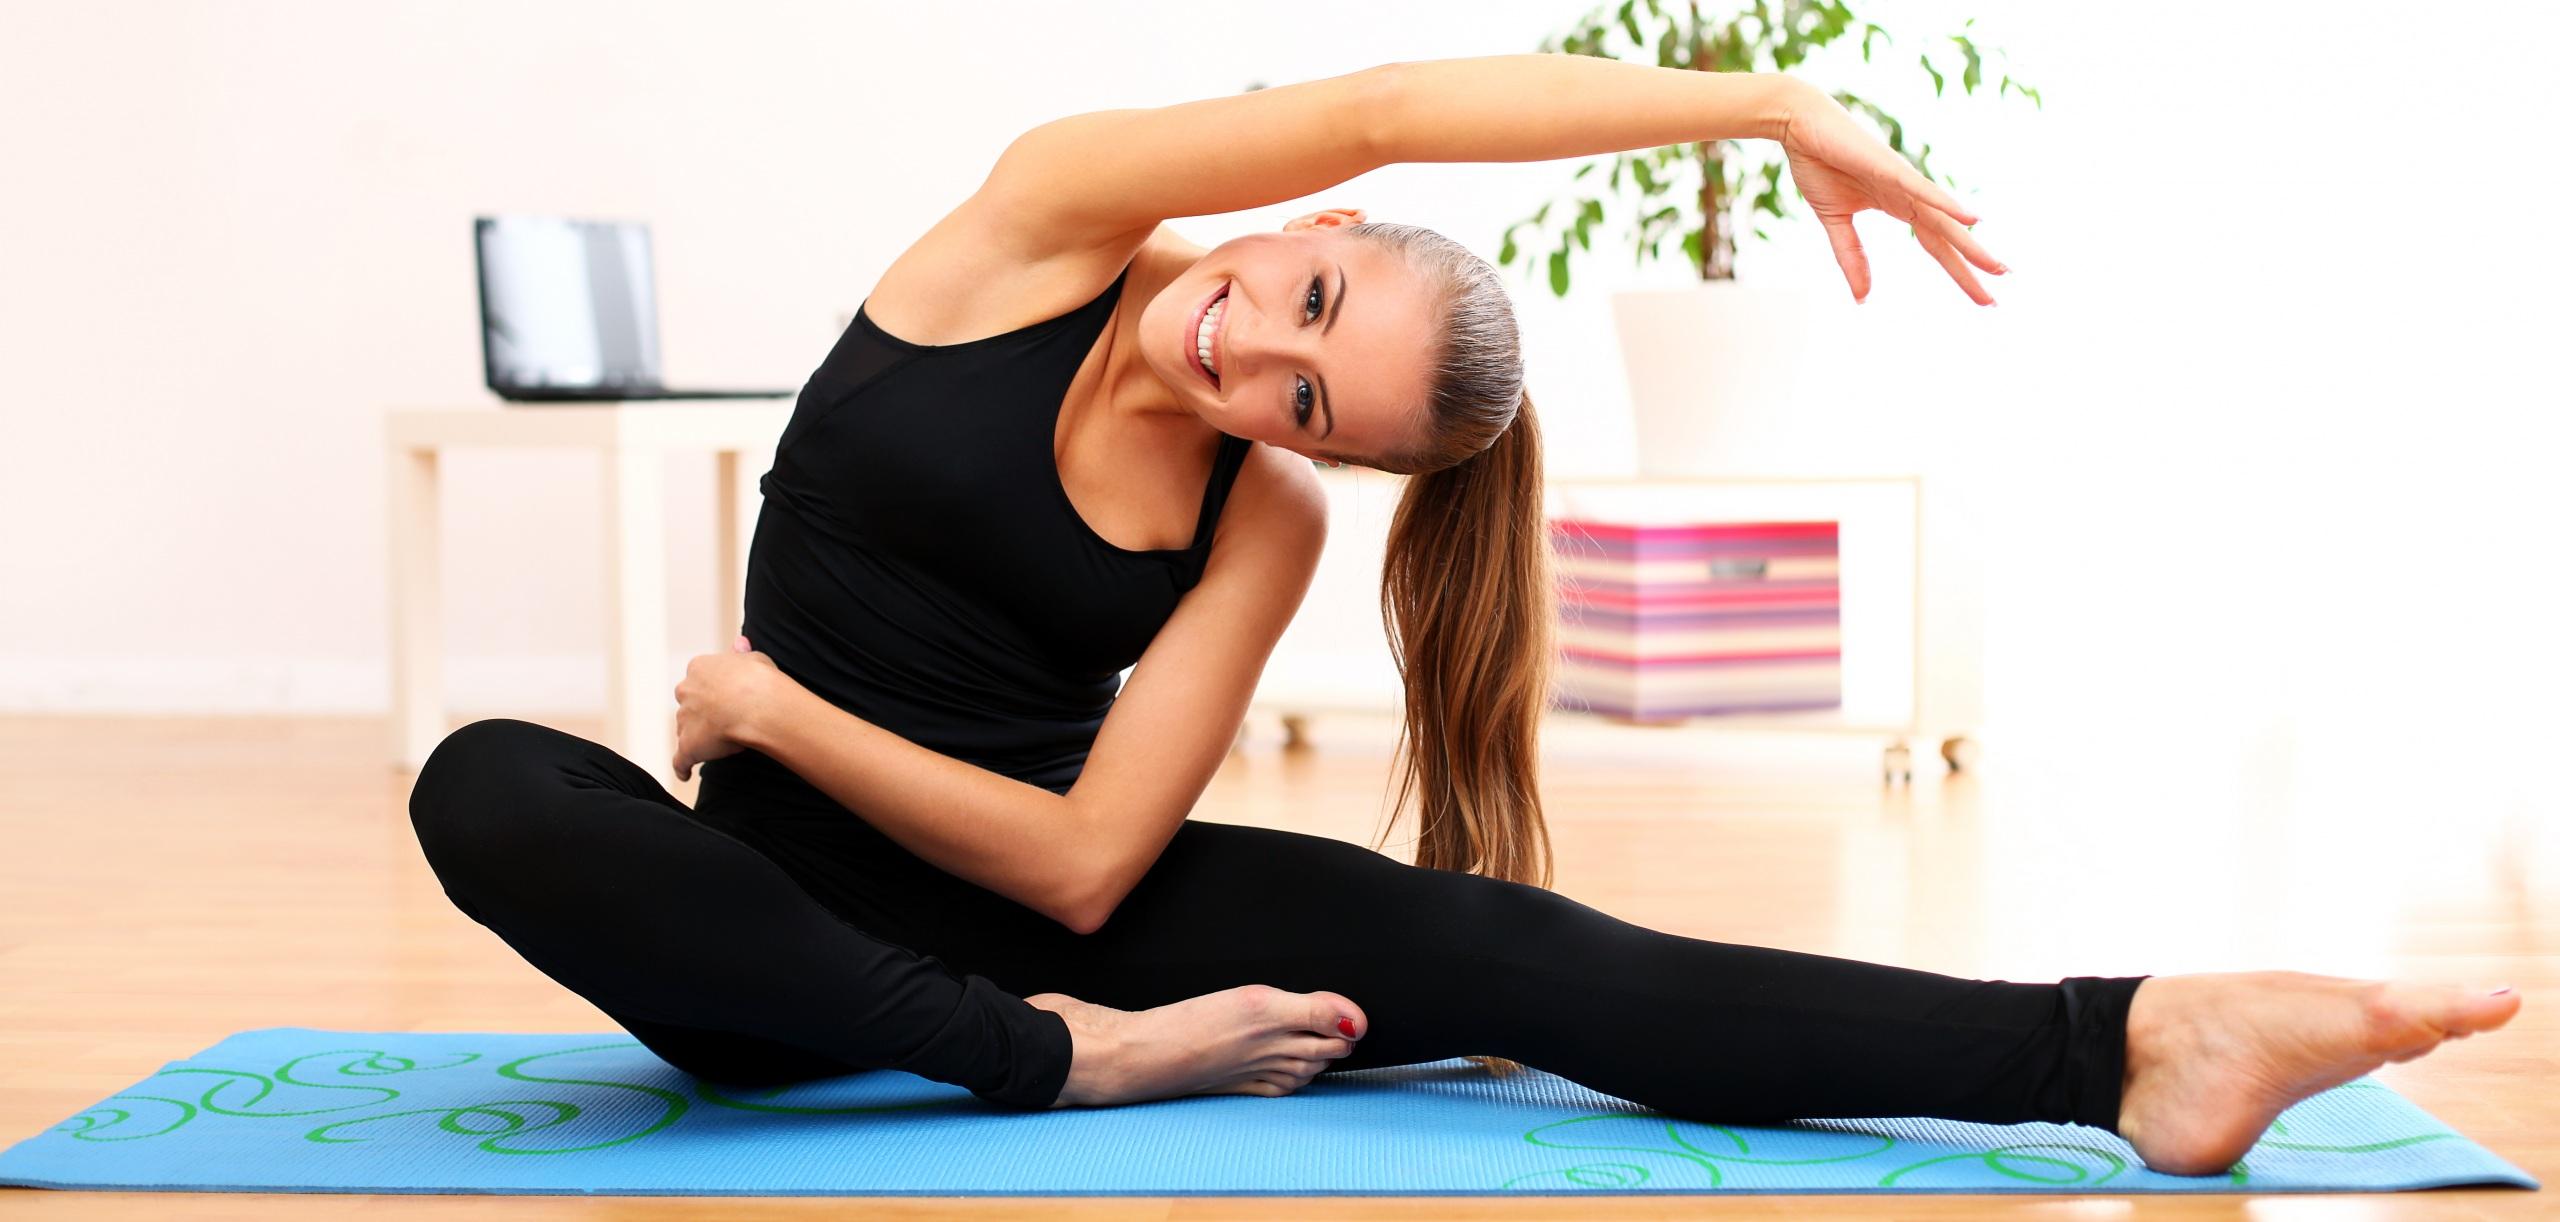 Физкультура упражнения похудение